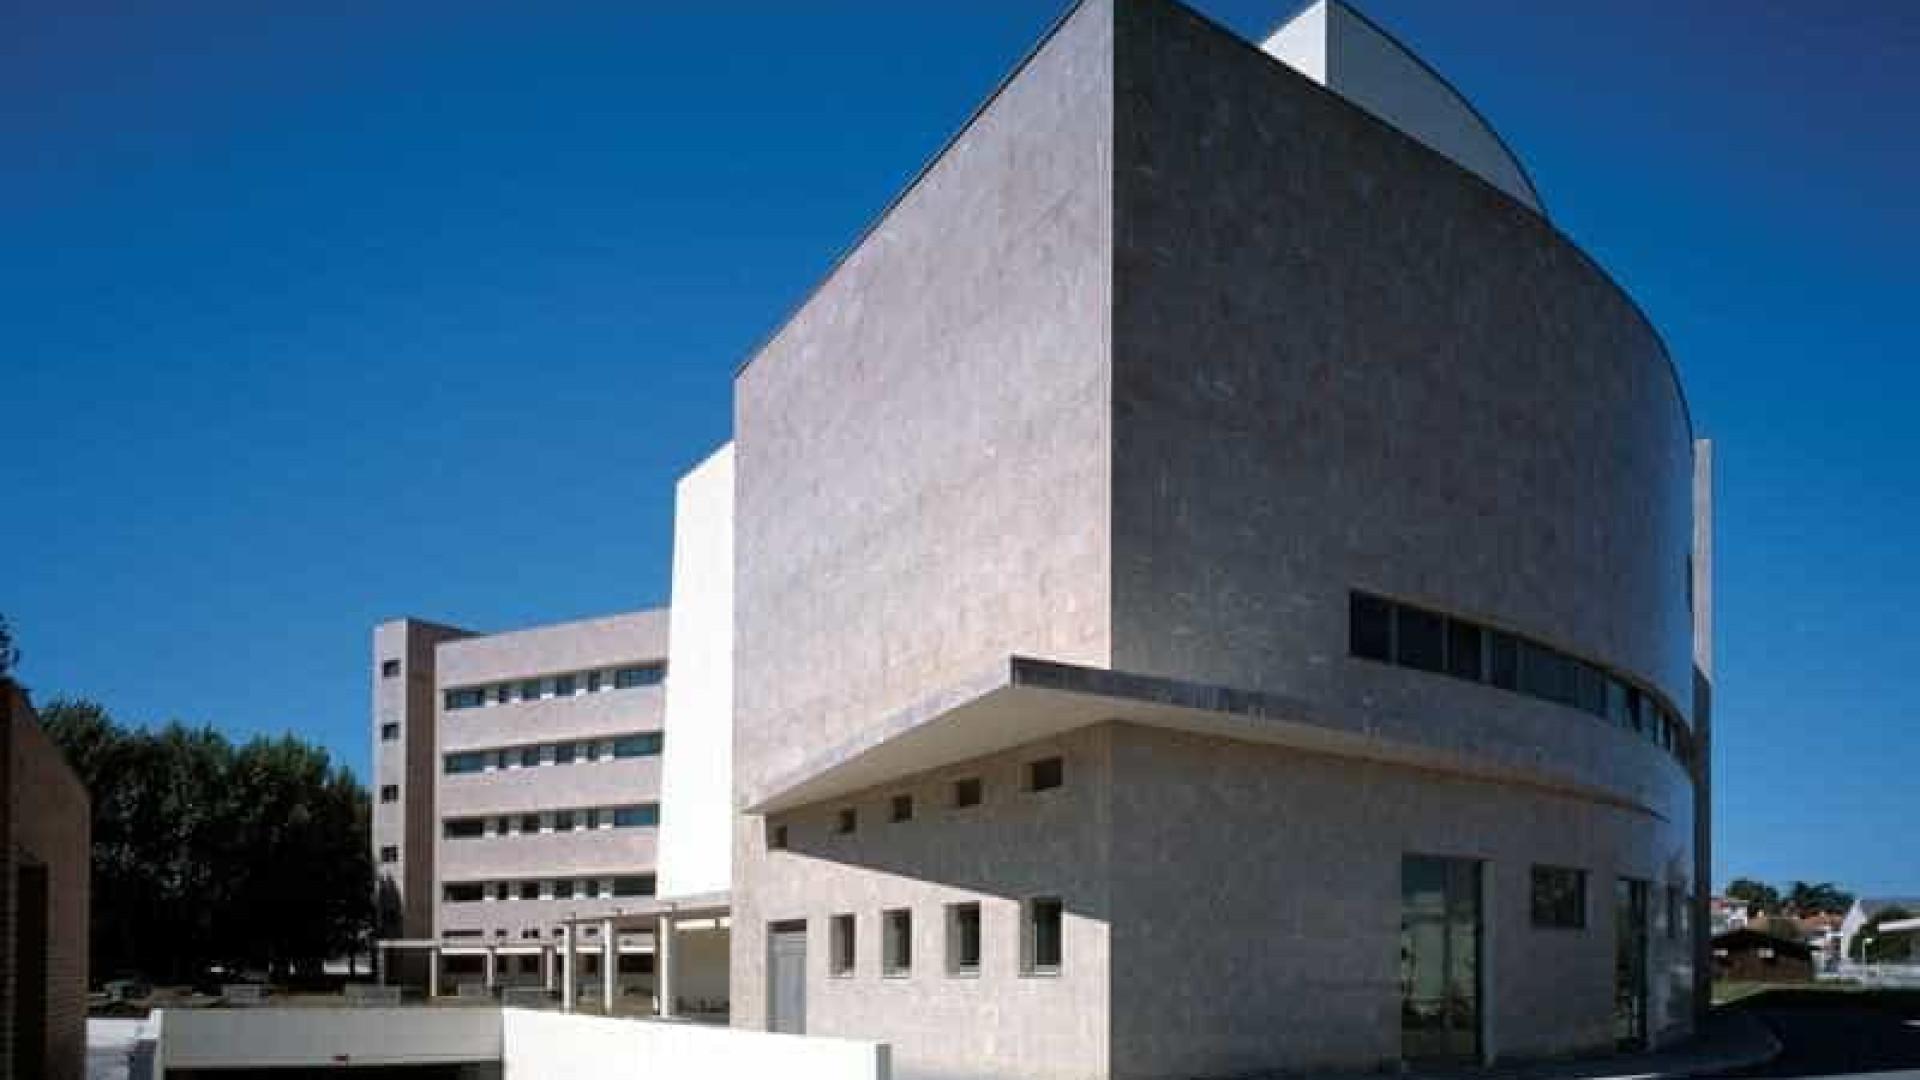 Politécnicos de Coimbra e Porto voltam a integrar conselho coordenador